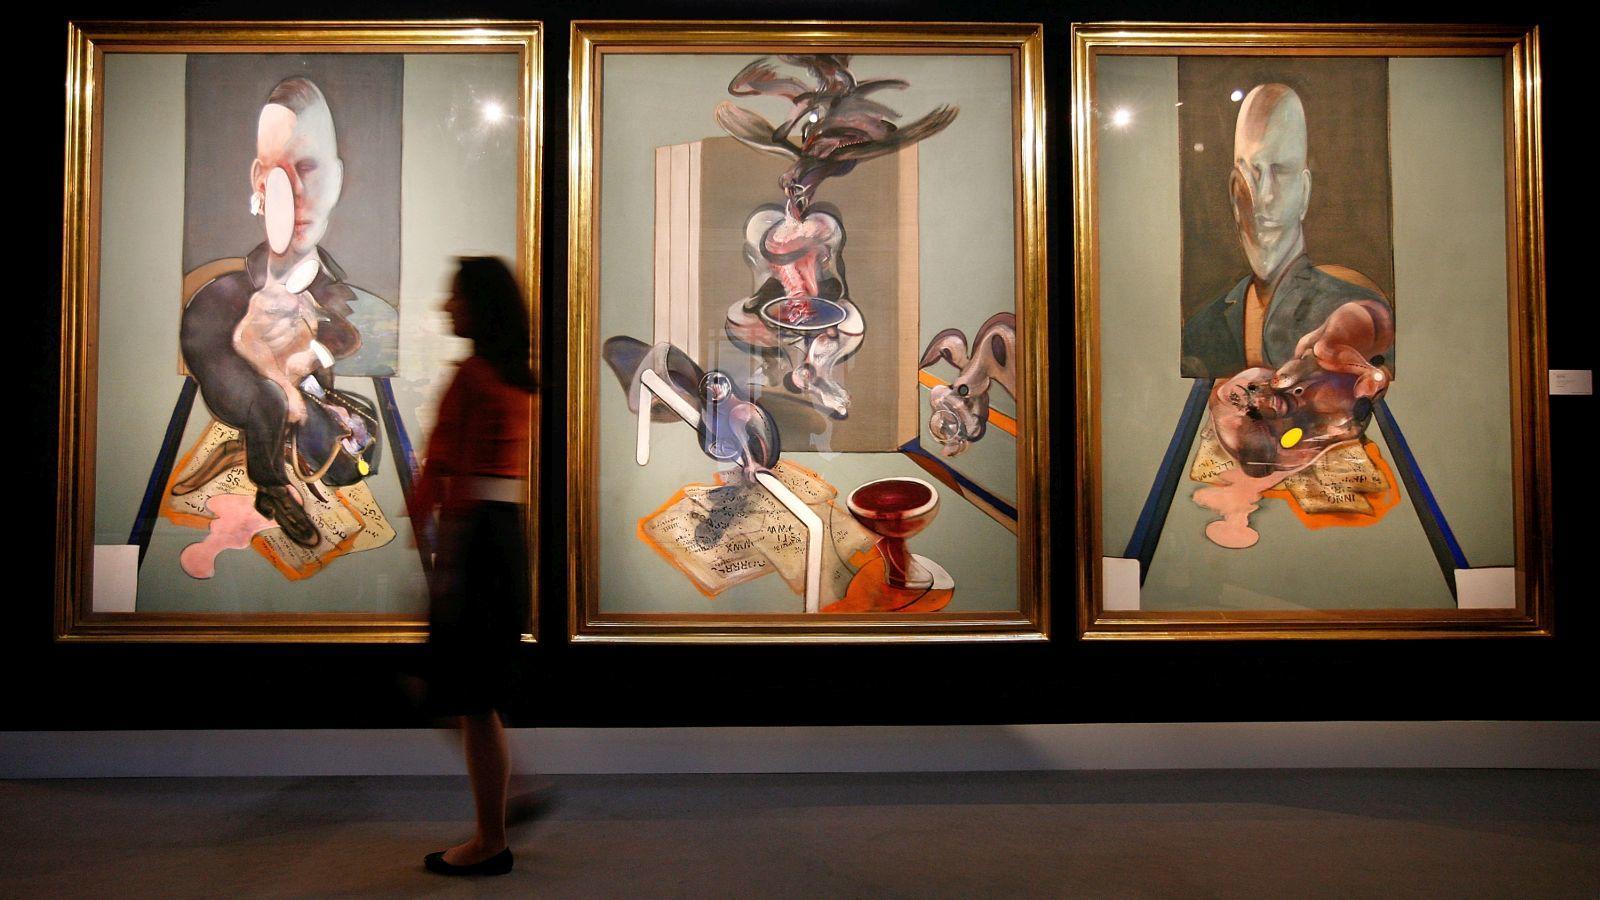 Nolan a Tate múzeumban osztotta meg a megoldás történetét: akkoriban nagyon érdekelték Francis Bacon festményei, és végül ez inspirálta a stábot Joker arcának kialakítását. Bacon egyik triptichonjában találtak egy hihetetlenül deformált arcot, ami döntőnek bizonyult. (Getty Images)